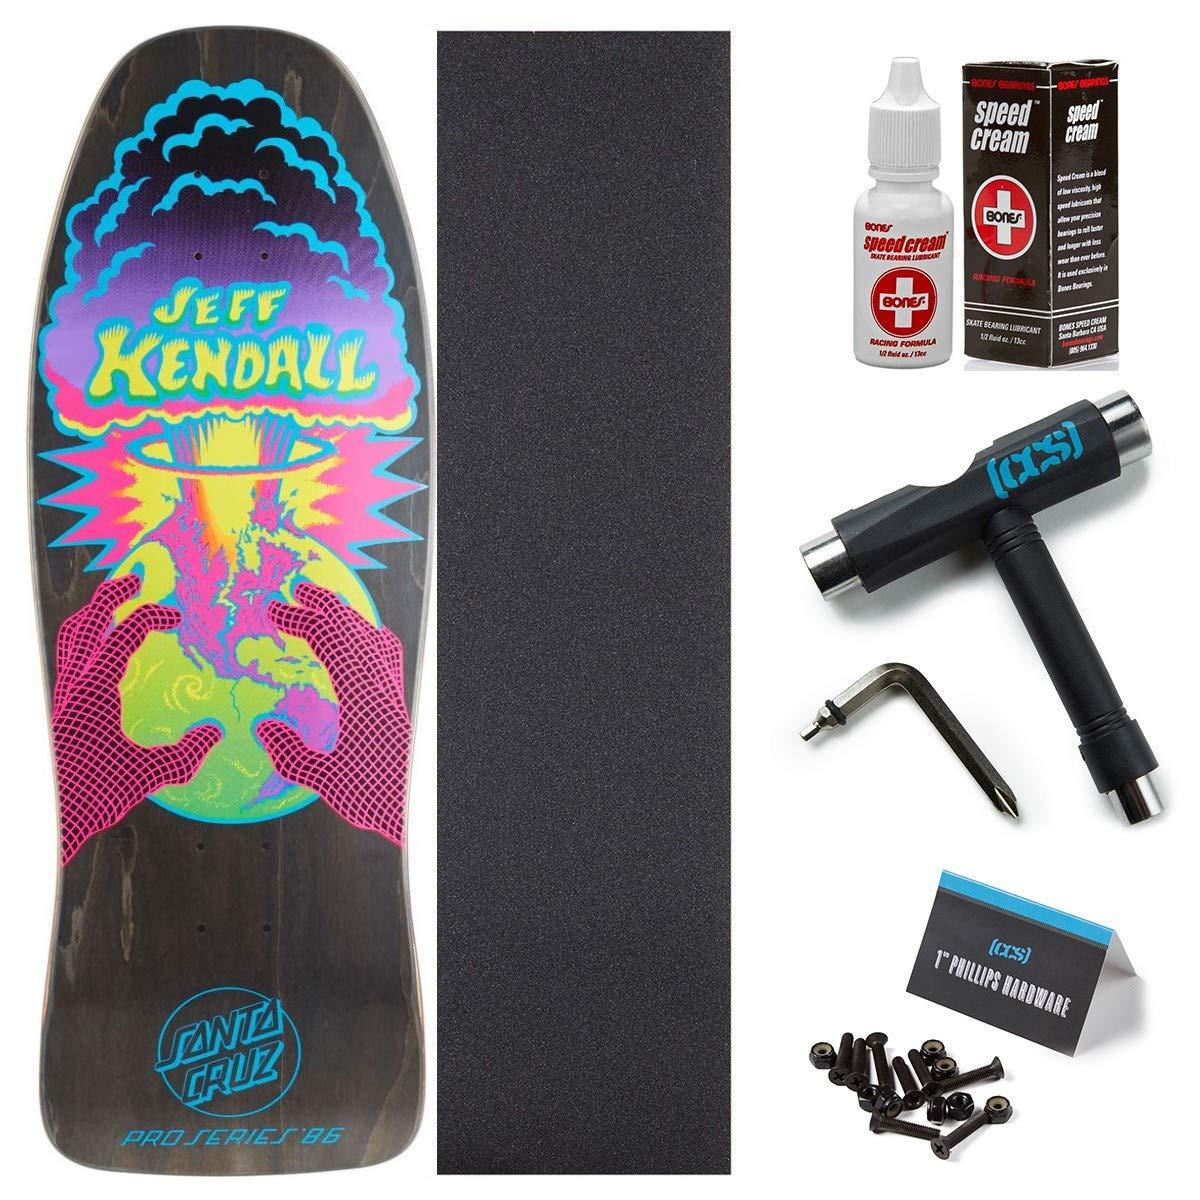 Santa Cruz Kendall End of the World Reissue スケートボードデッキ 10.00インチ ボーンスピードクリーム付き CCSグリップ スケートツール 1インチ金具